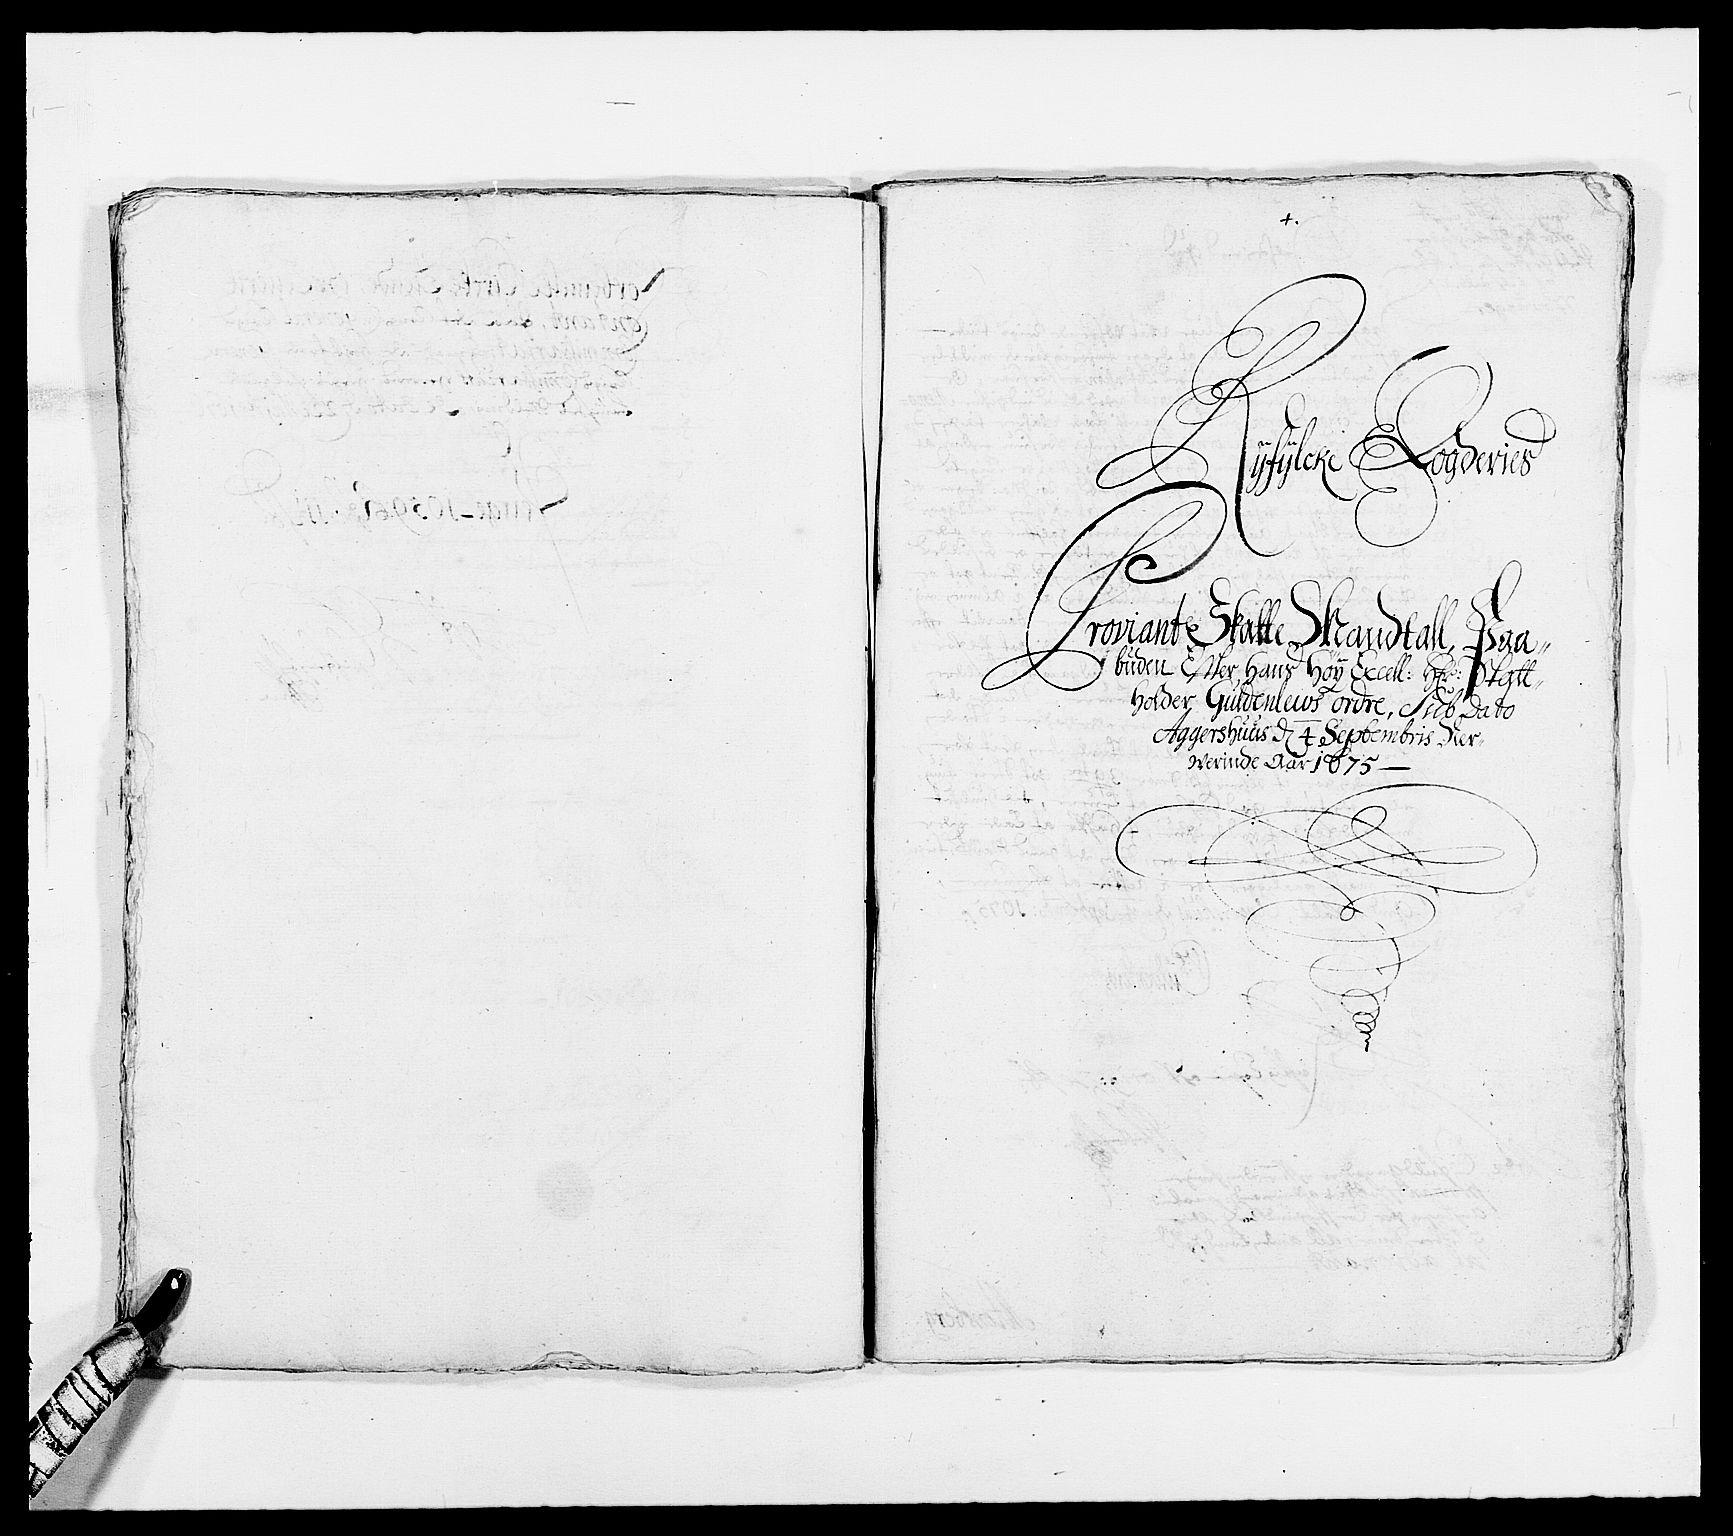 RA, Rentekammeret inntil 1814, Reviderte regnskaper, Fogderegnskap, R47/L2845: Fogderegnskap Ryfylke, 1674-1675, s. 337